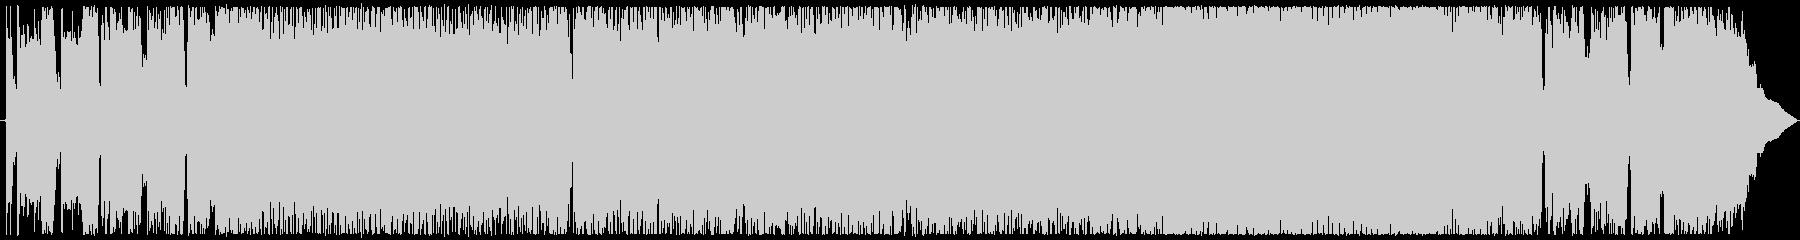 [生演奏]和風メロディックスピードメタルの未再生の波形